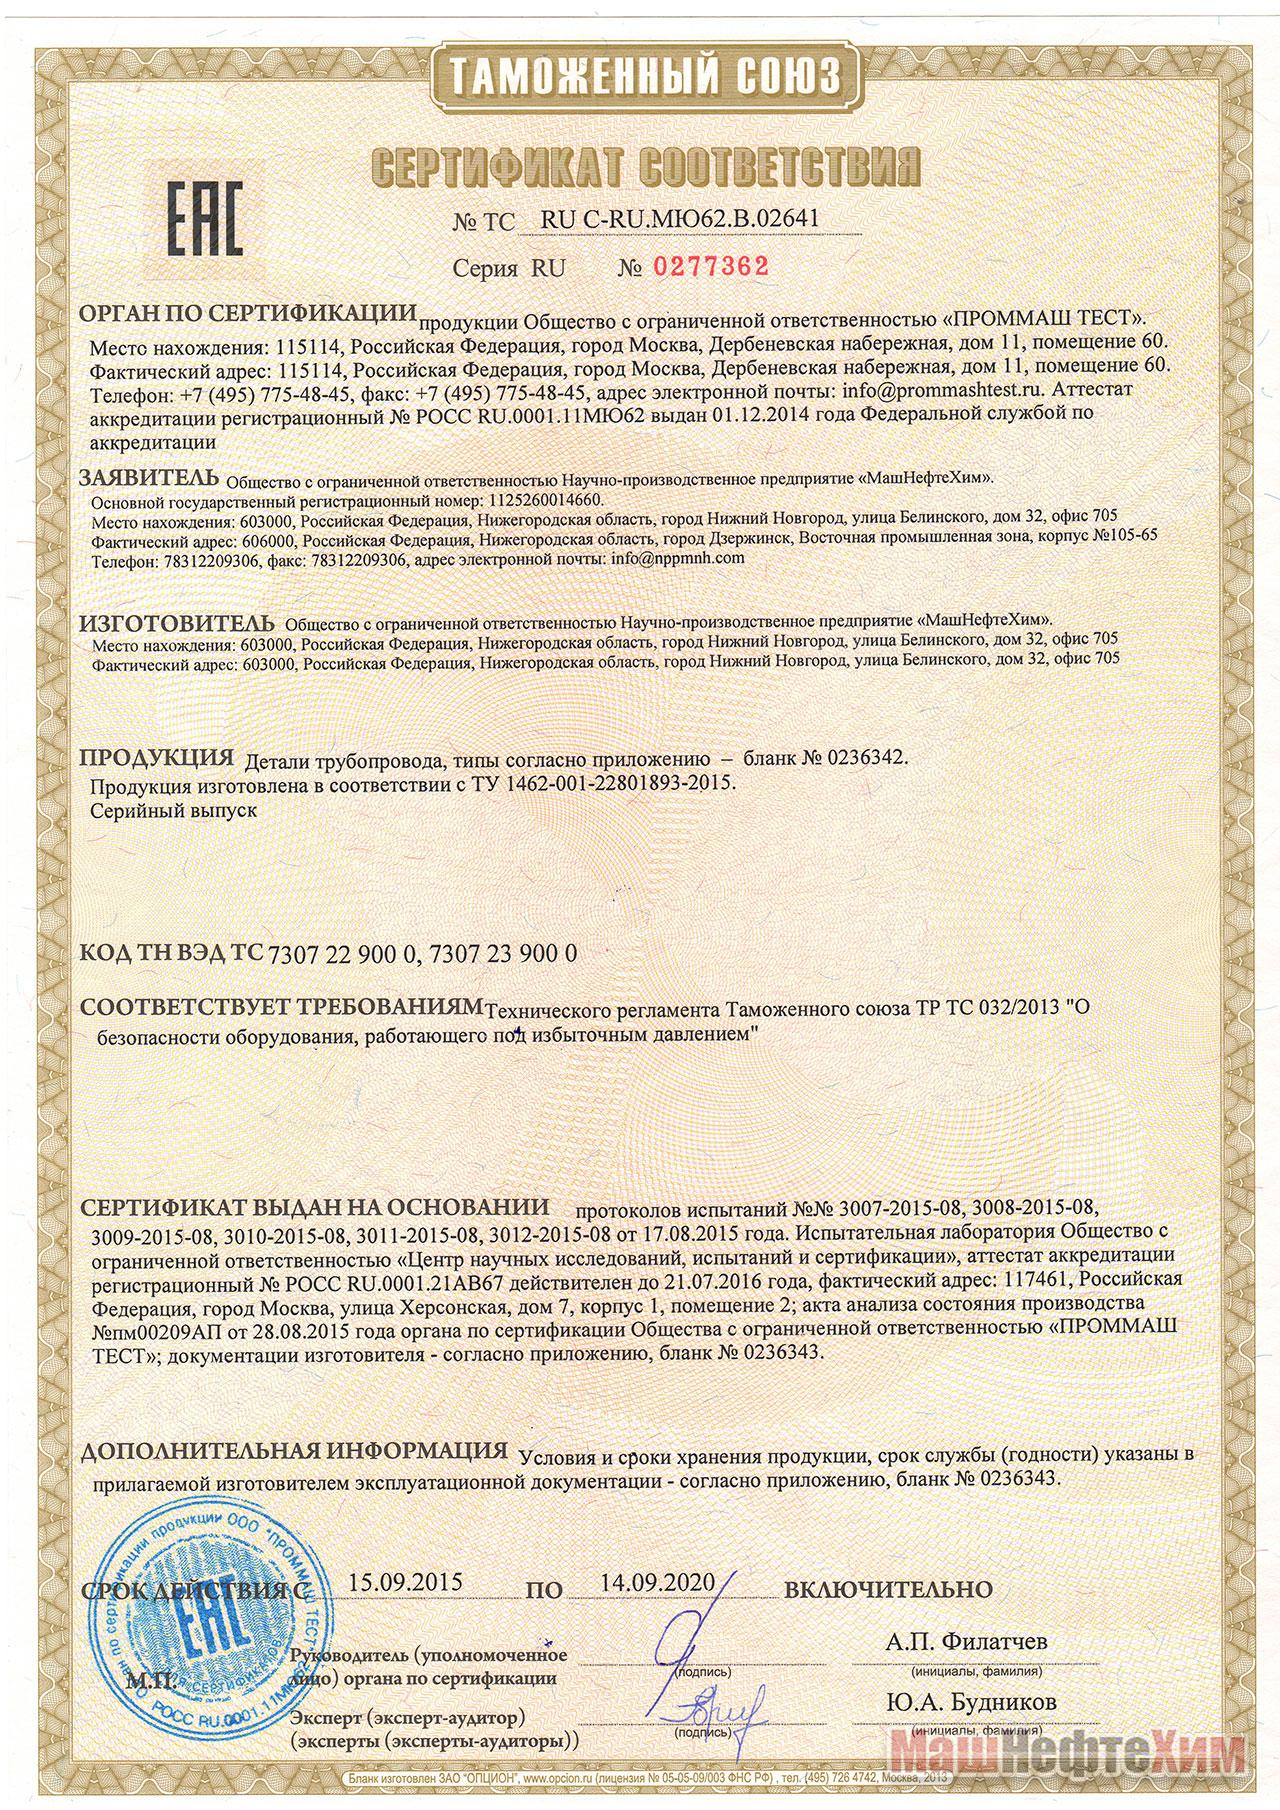 сертификат-соответствия-2